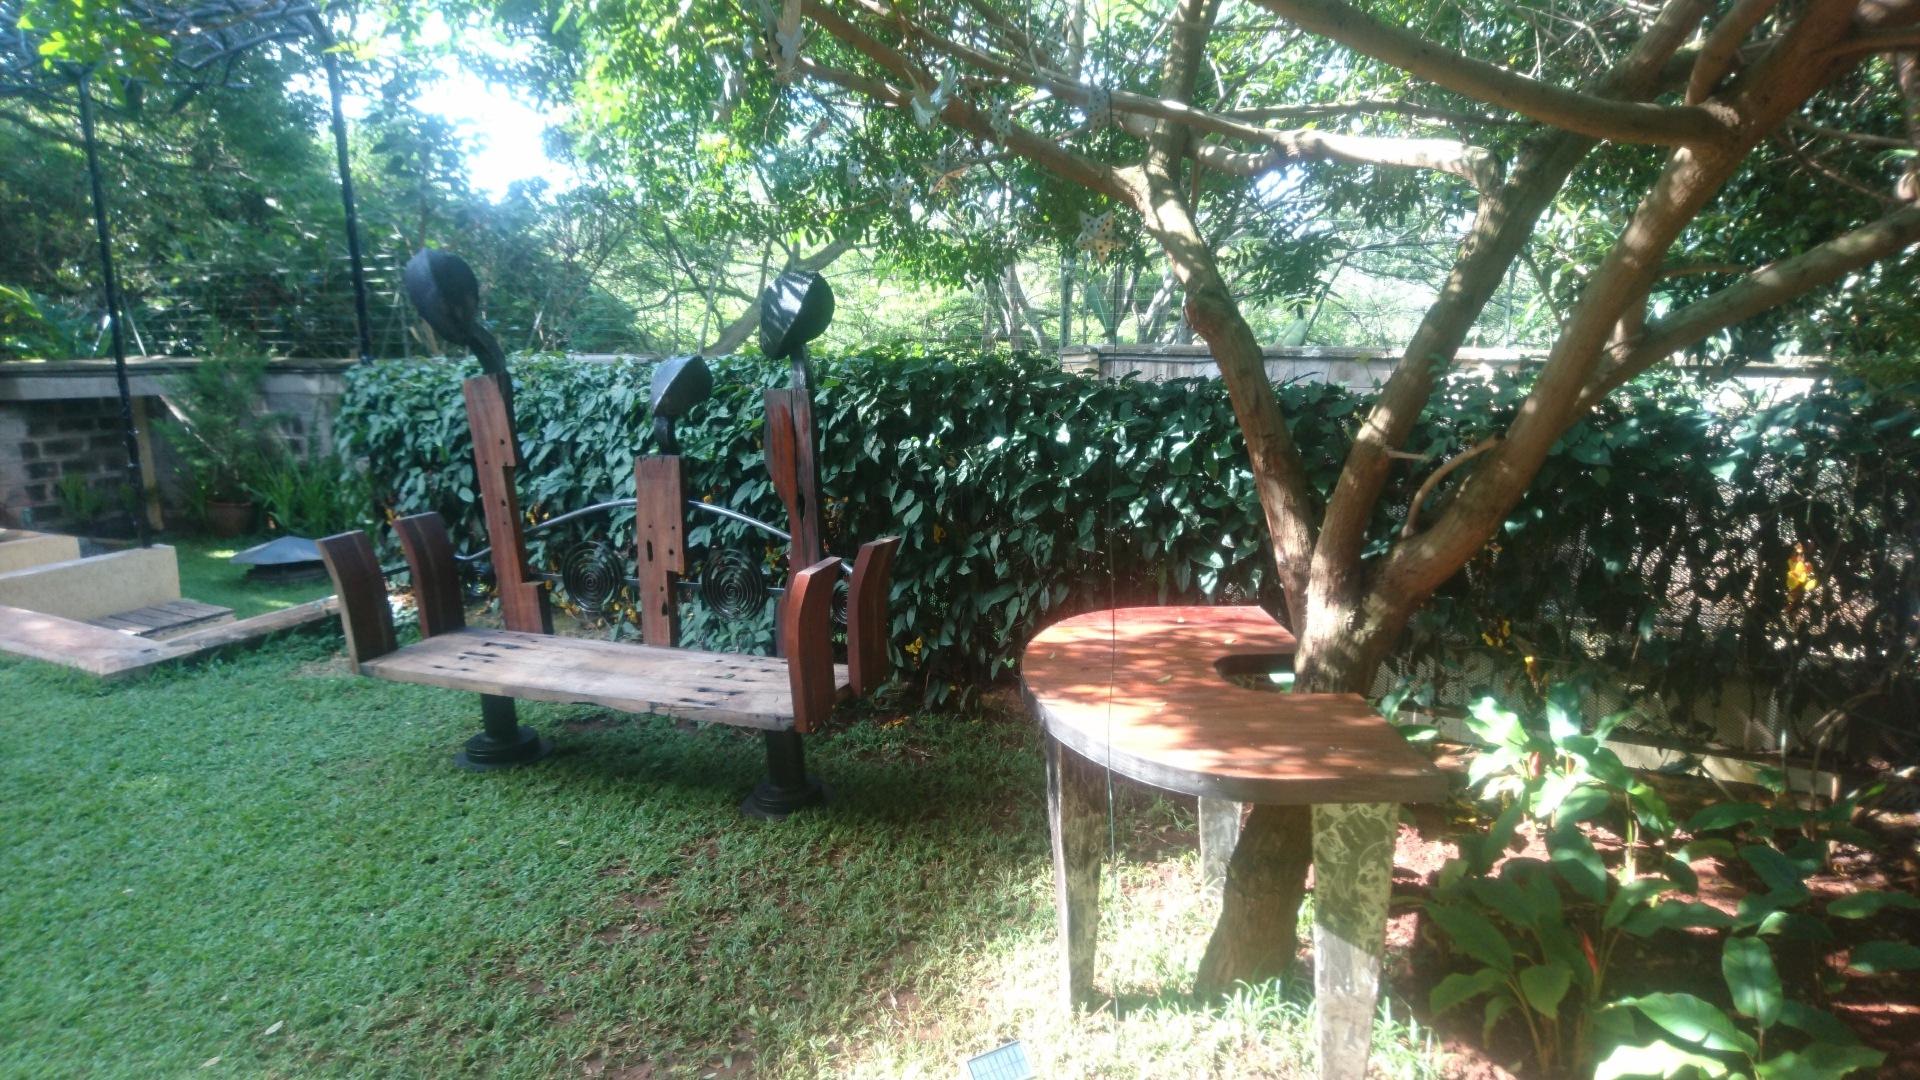 'When we had Conversation' Garden furniture